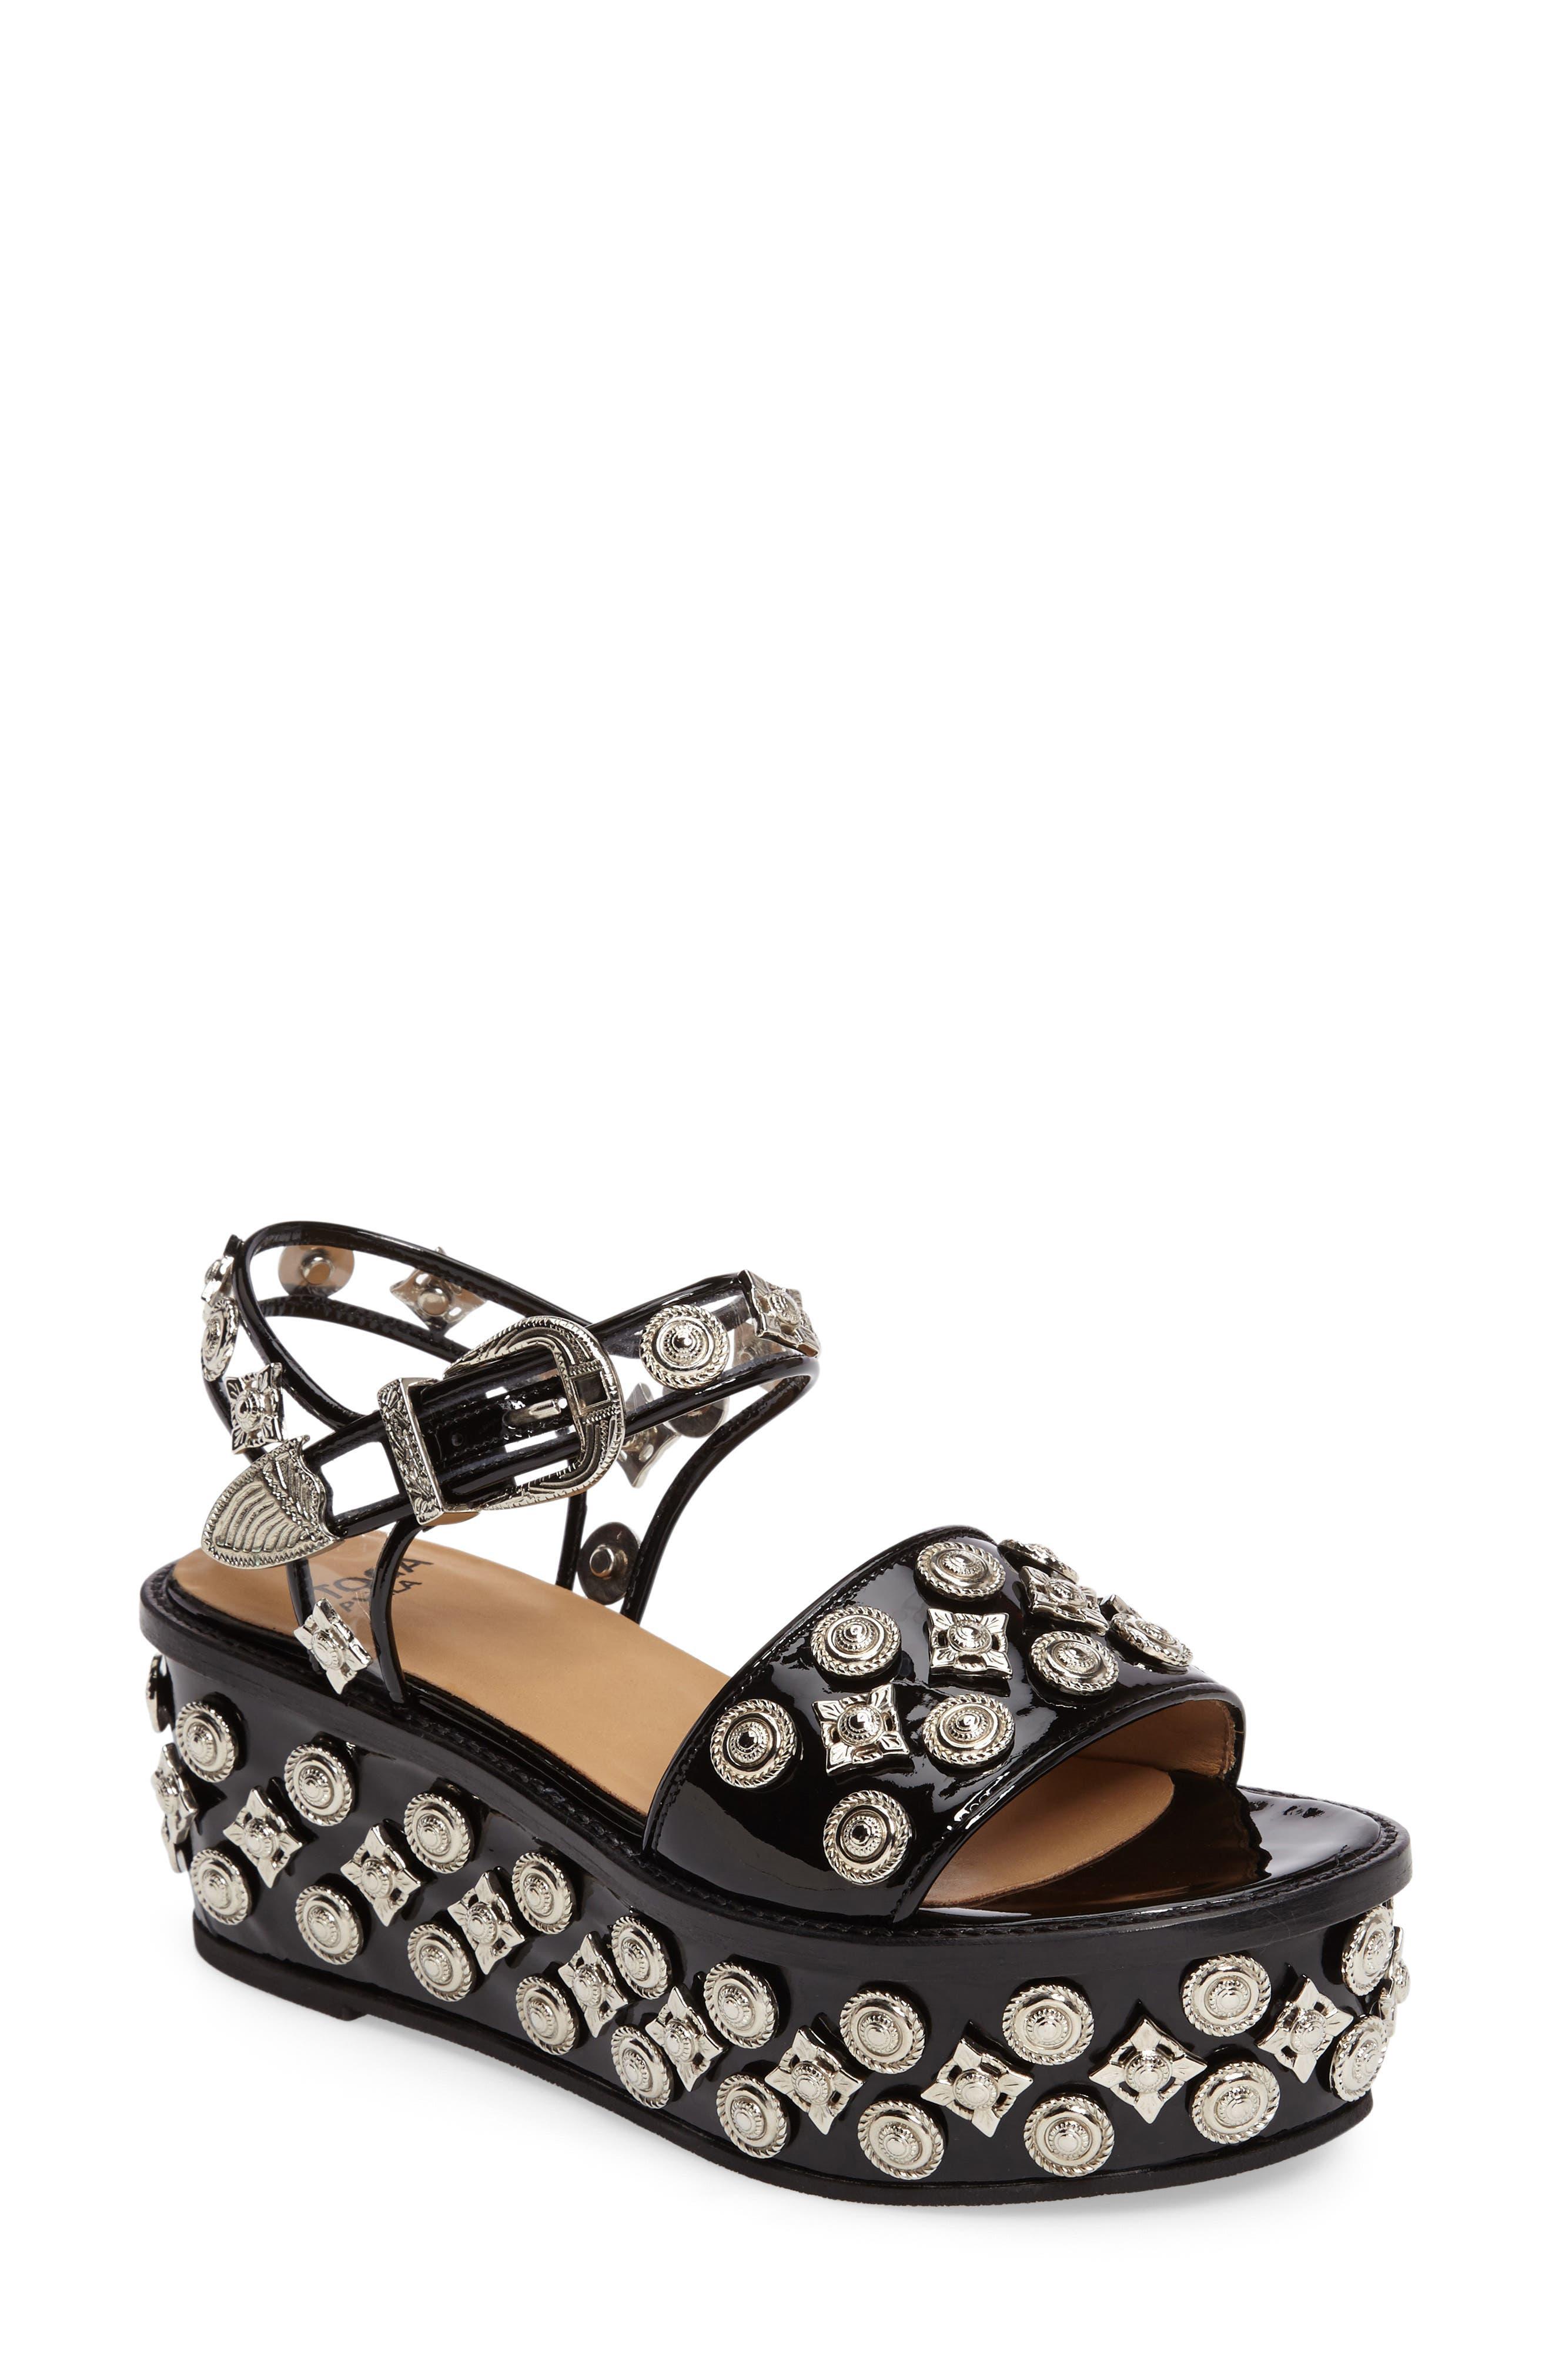 Main Image - TOGA PULLA Embellished Platform Sandal (Women)